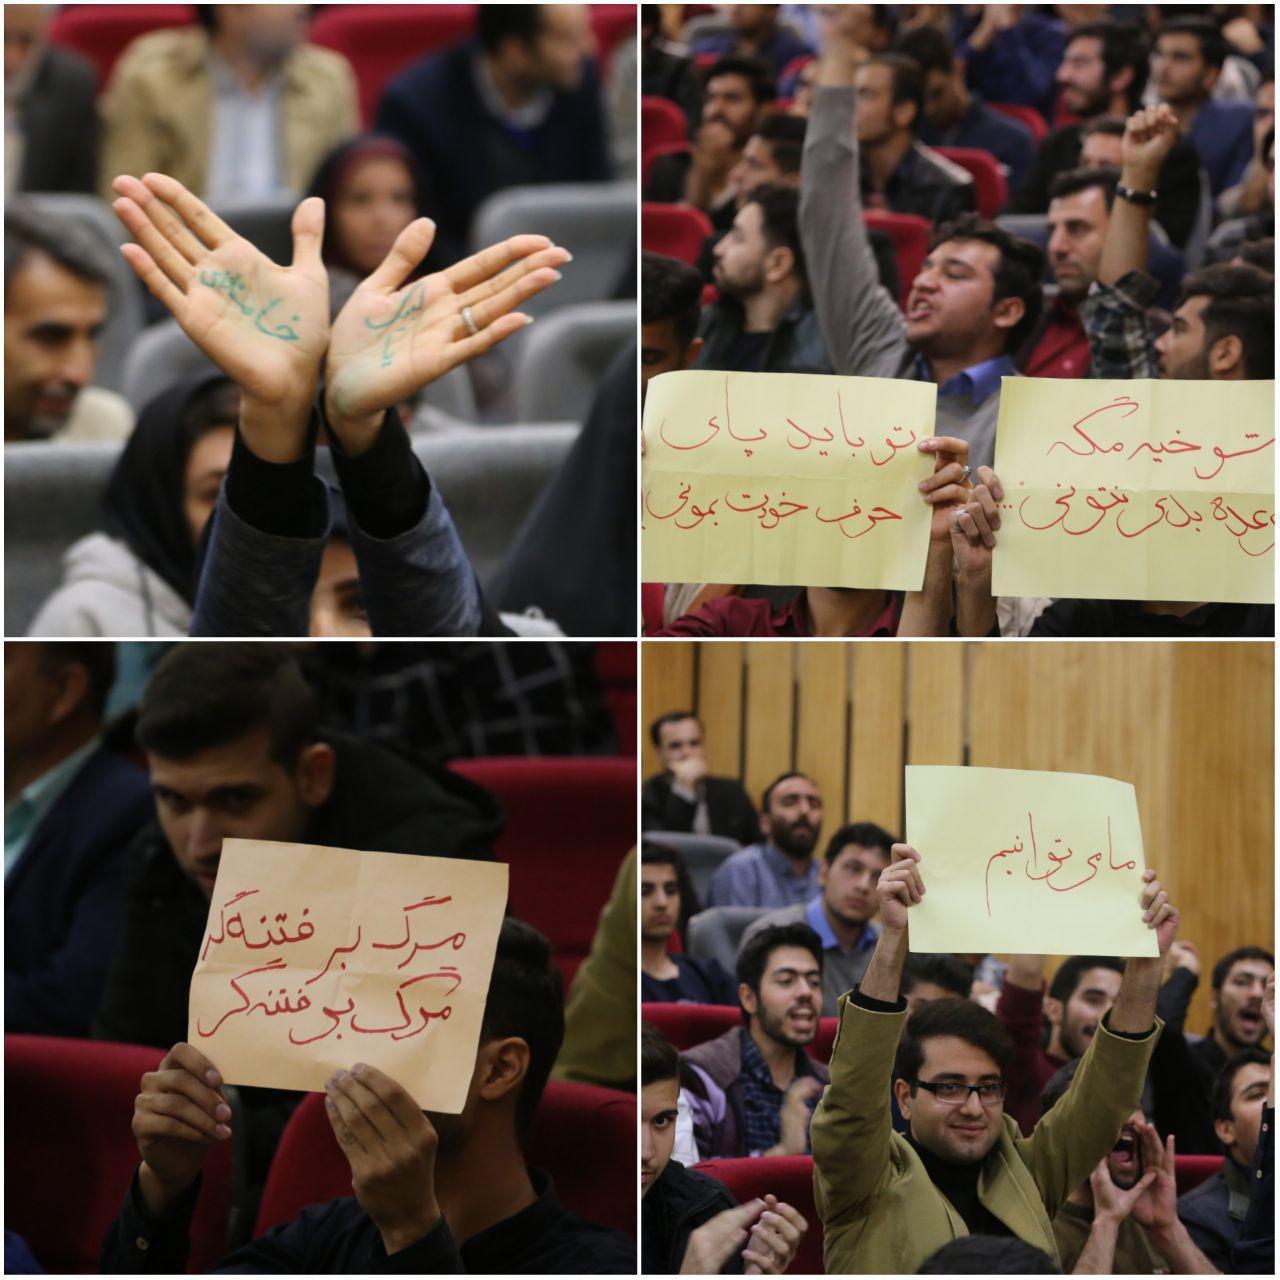 حاشیههای از مراسم روز دانشجو که از دید بسیاری پنهان ماند/ از تبعیض تا سانسور دانشجویان انقلابی تا خواب عمیق یک دانشجو!